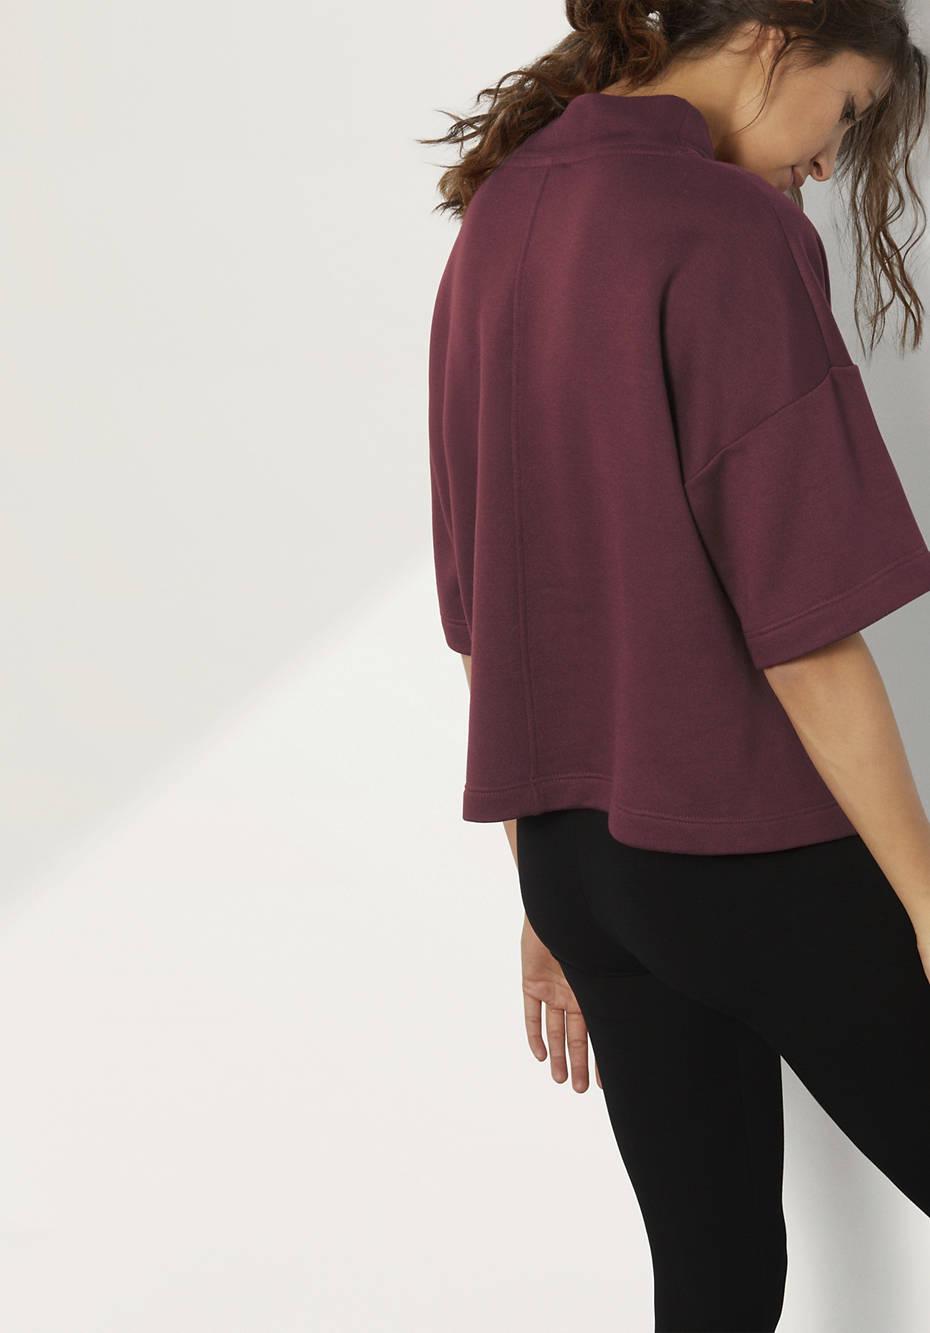 Damen Sweatshirt aus Modal mit Bio-Baumwolle